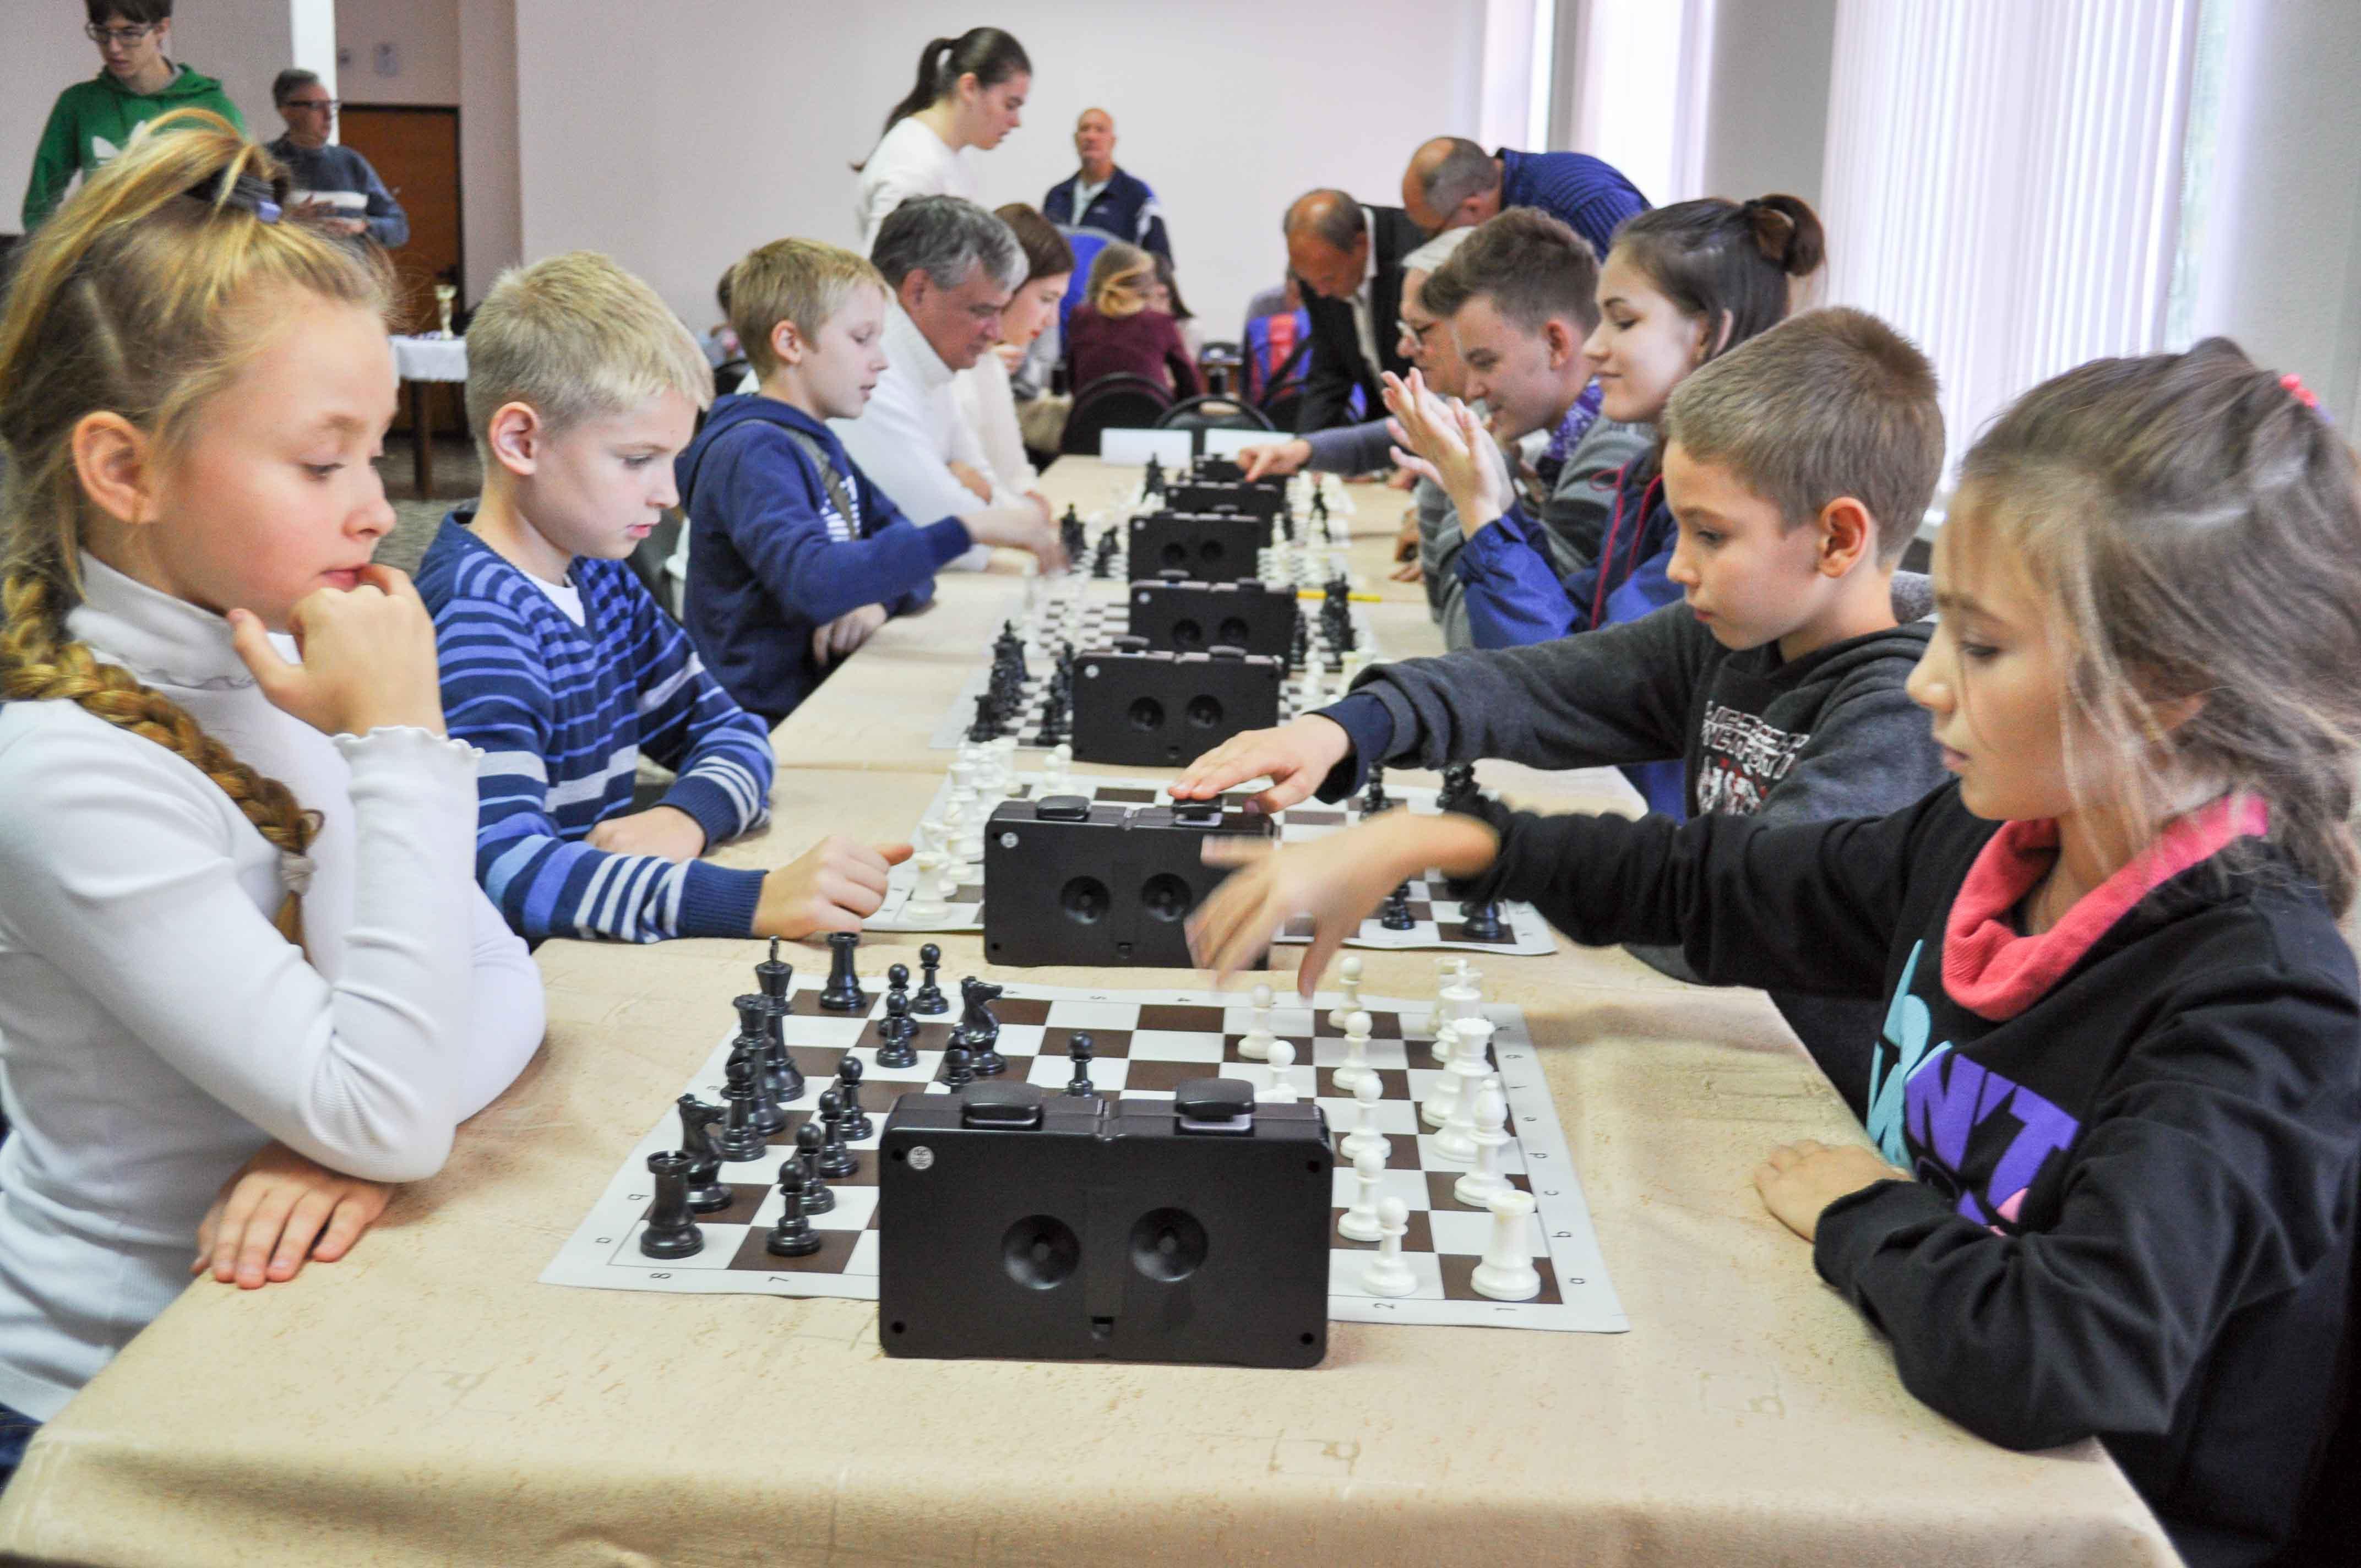 Шахматный турнир «Первенство г. Саратова среди районов – категории любители, ветераны, дети»